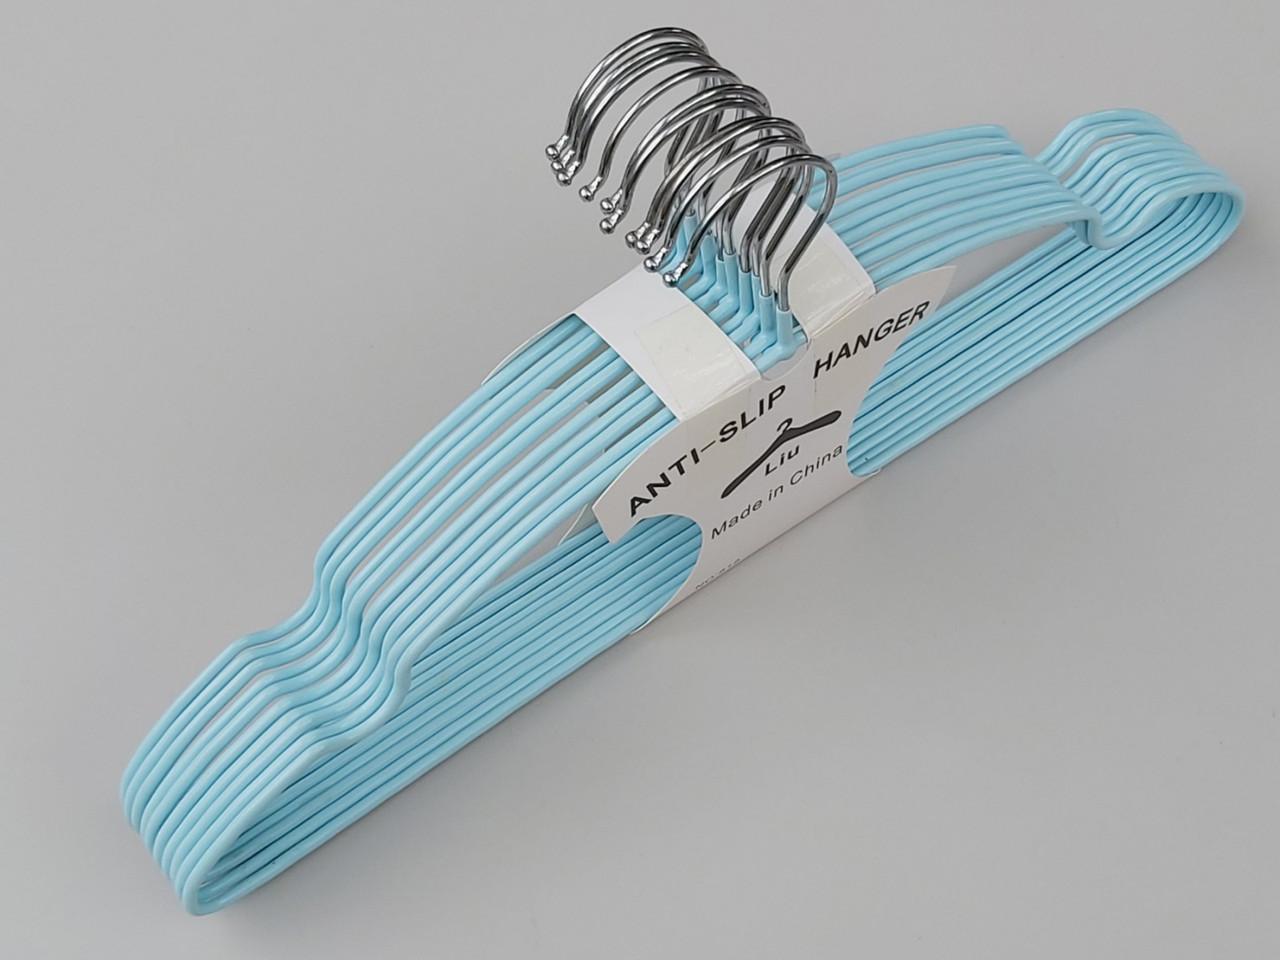 Плечики металеві в силіконовому покритті бірюзового кольору, 40 см, 10 штук в упаковці